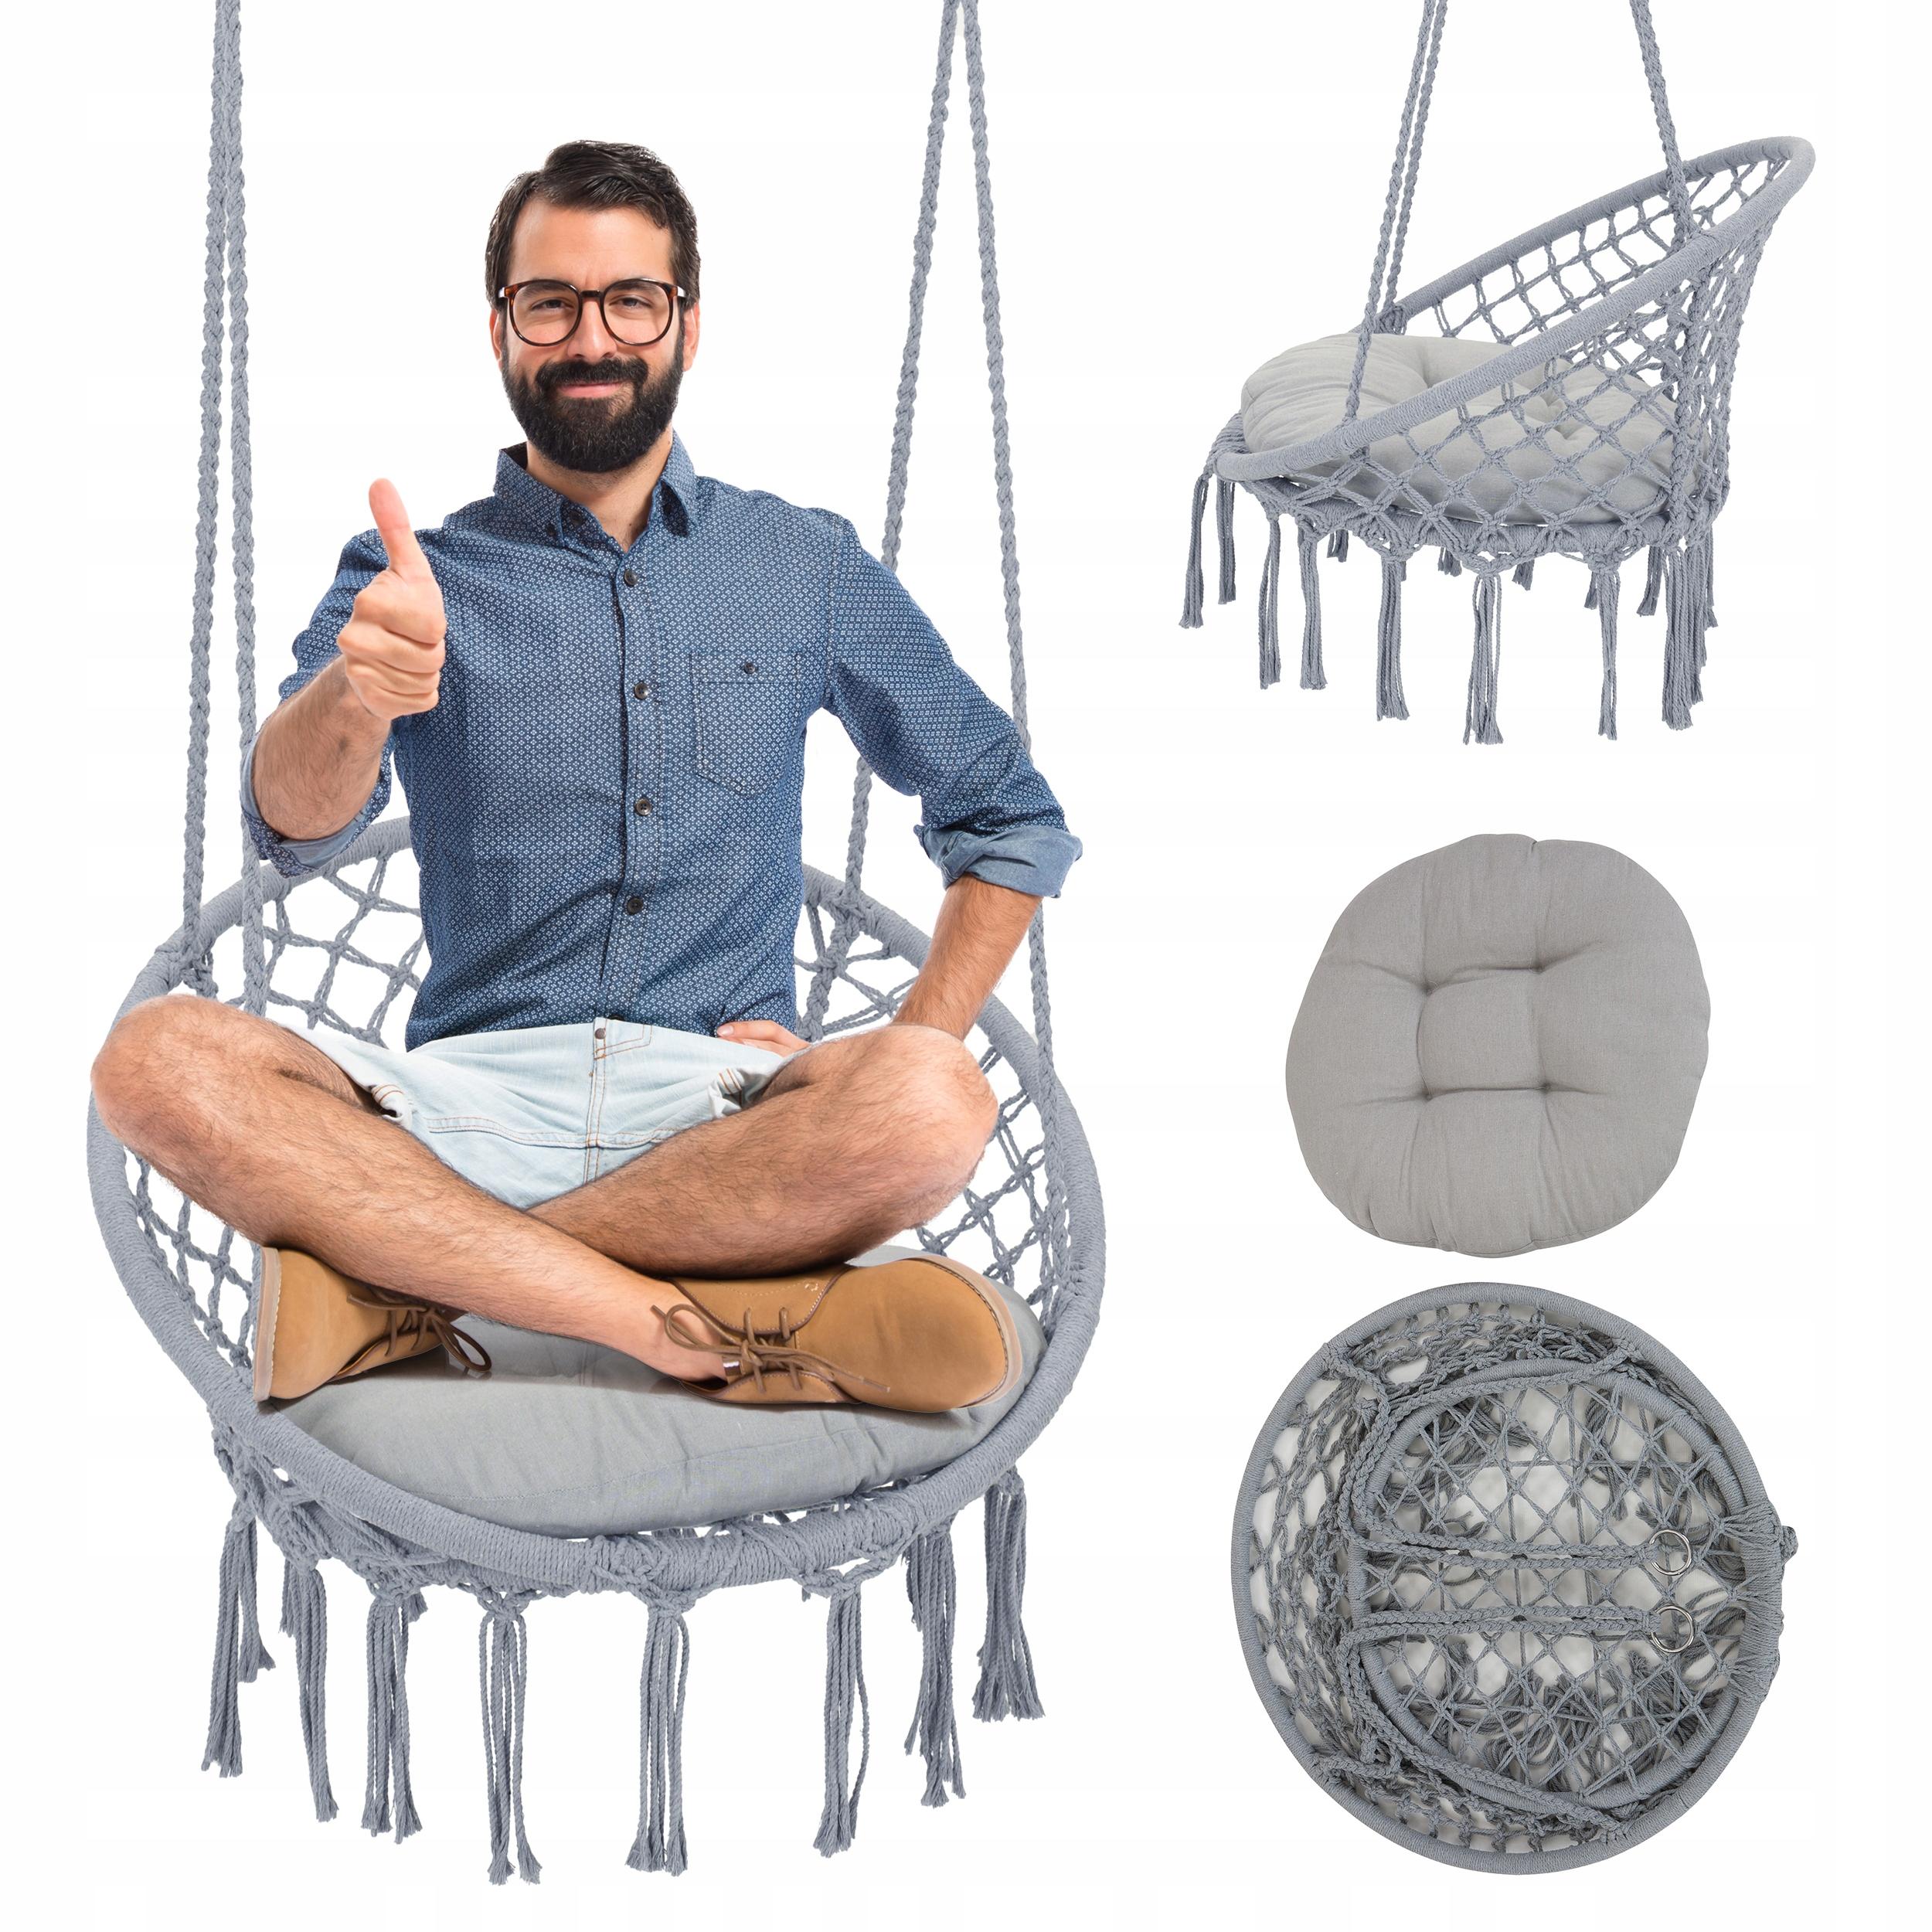 Кресло, качели садовые - BOHO аистовое гнездо